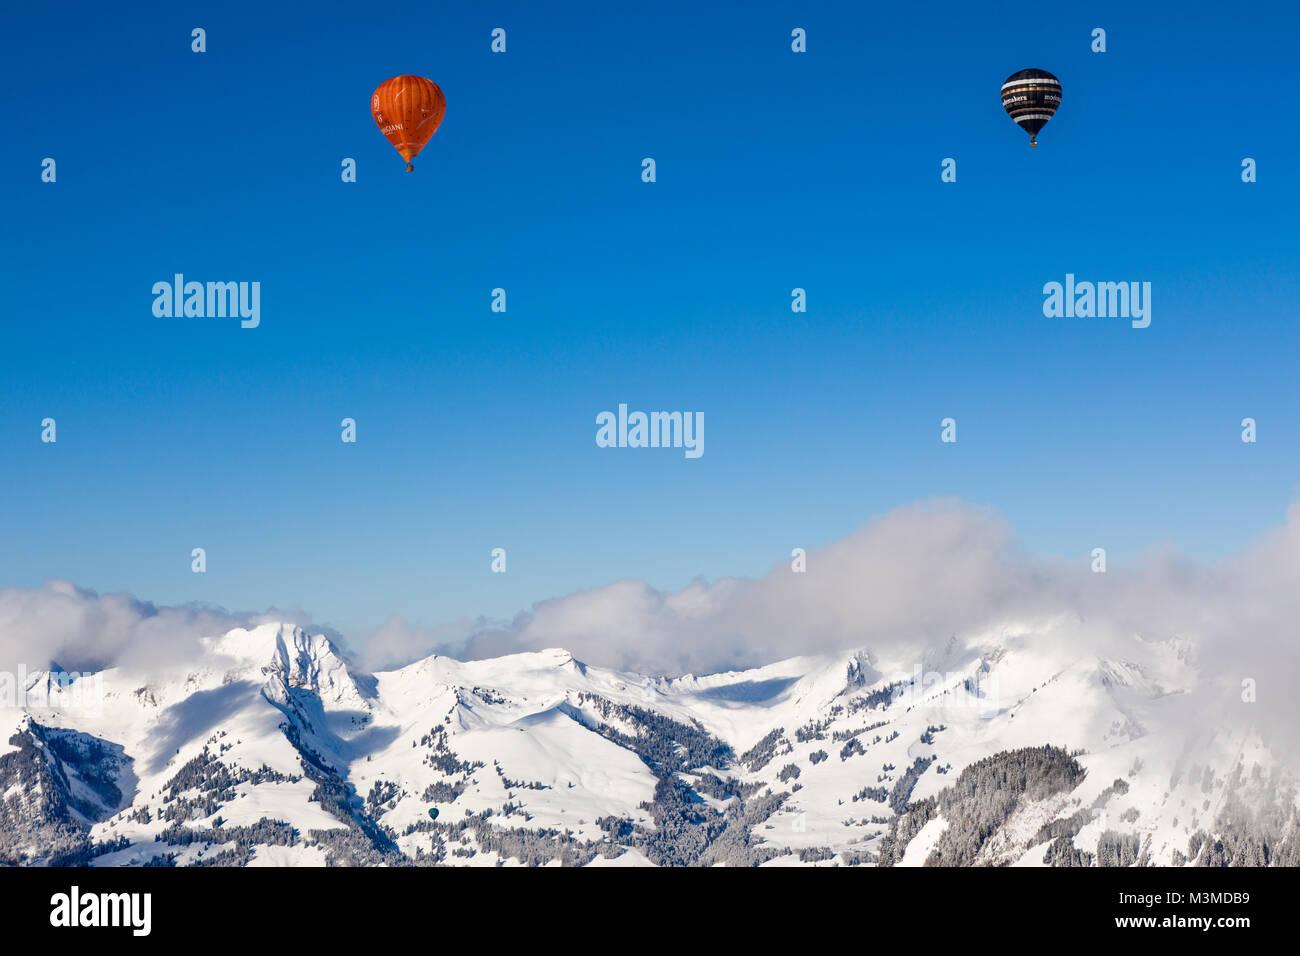 40e Festival International de Ballons à air chaud à Château-d'Oex - ballons volent dans le ciel bleu sur le paysage Banque D'Images